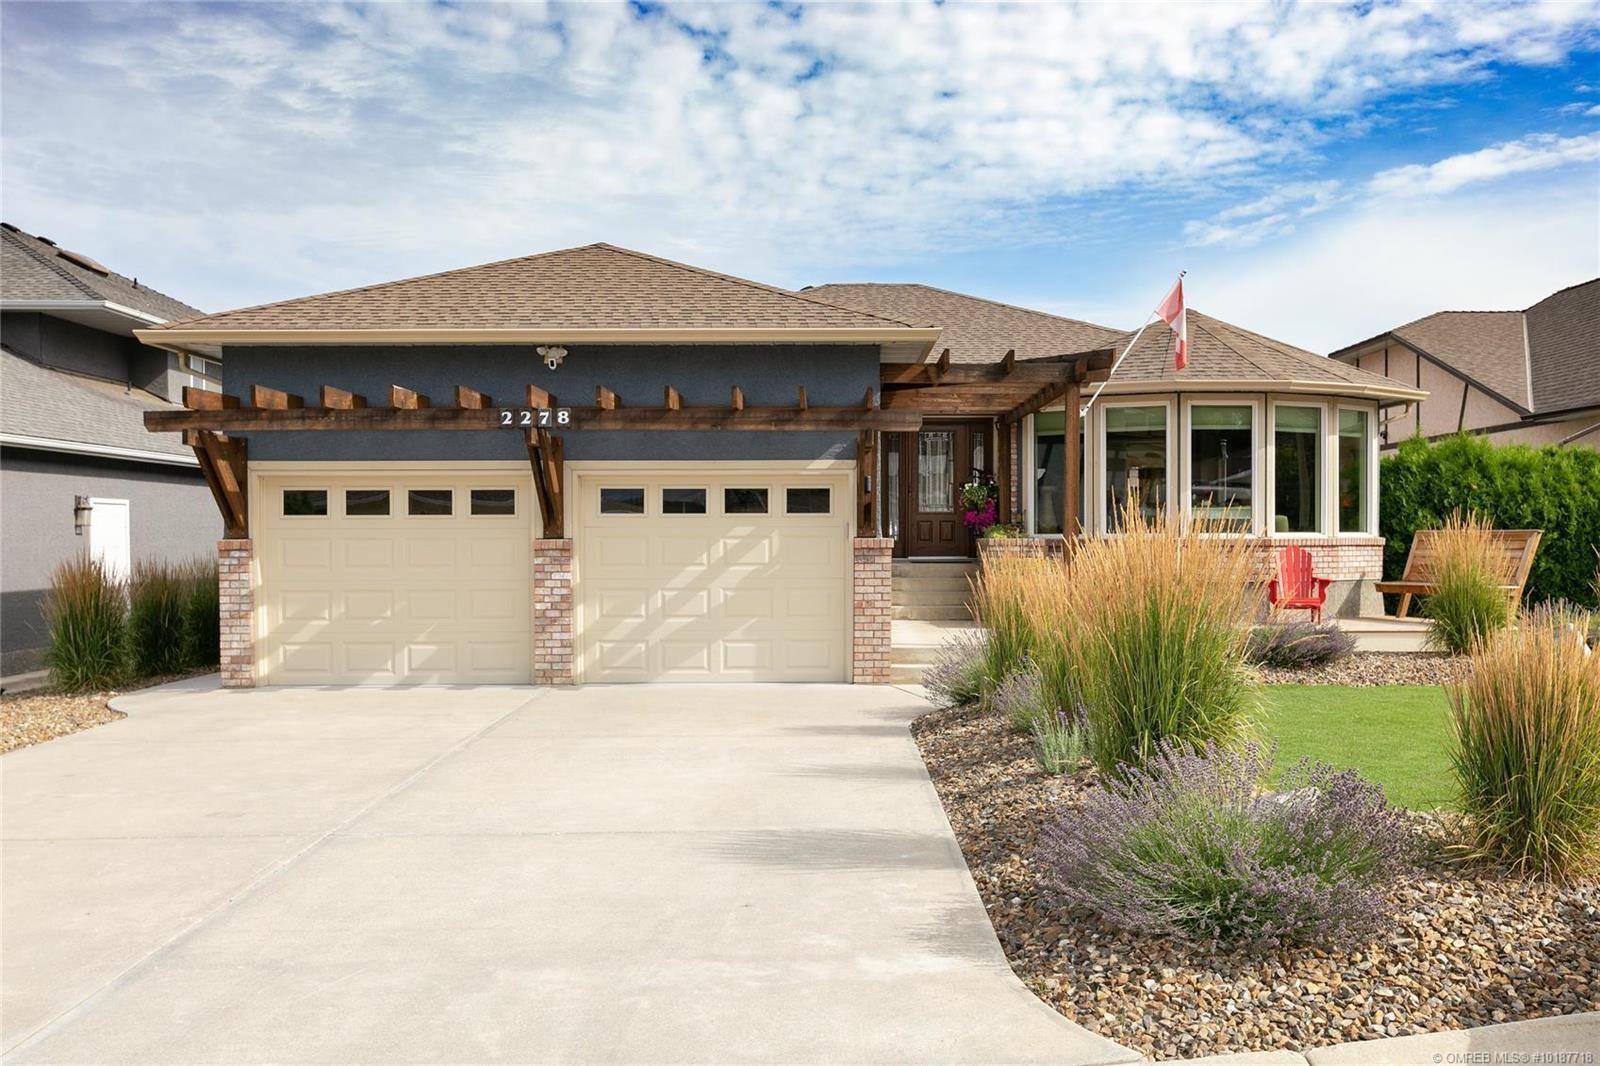 House for sale at 2278 Rhondda Ct Kelowna British Columbia - MLS: 10187718